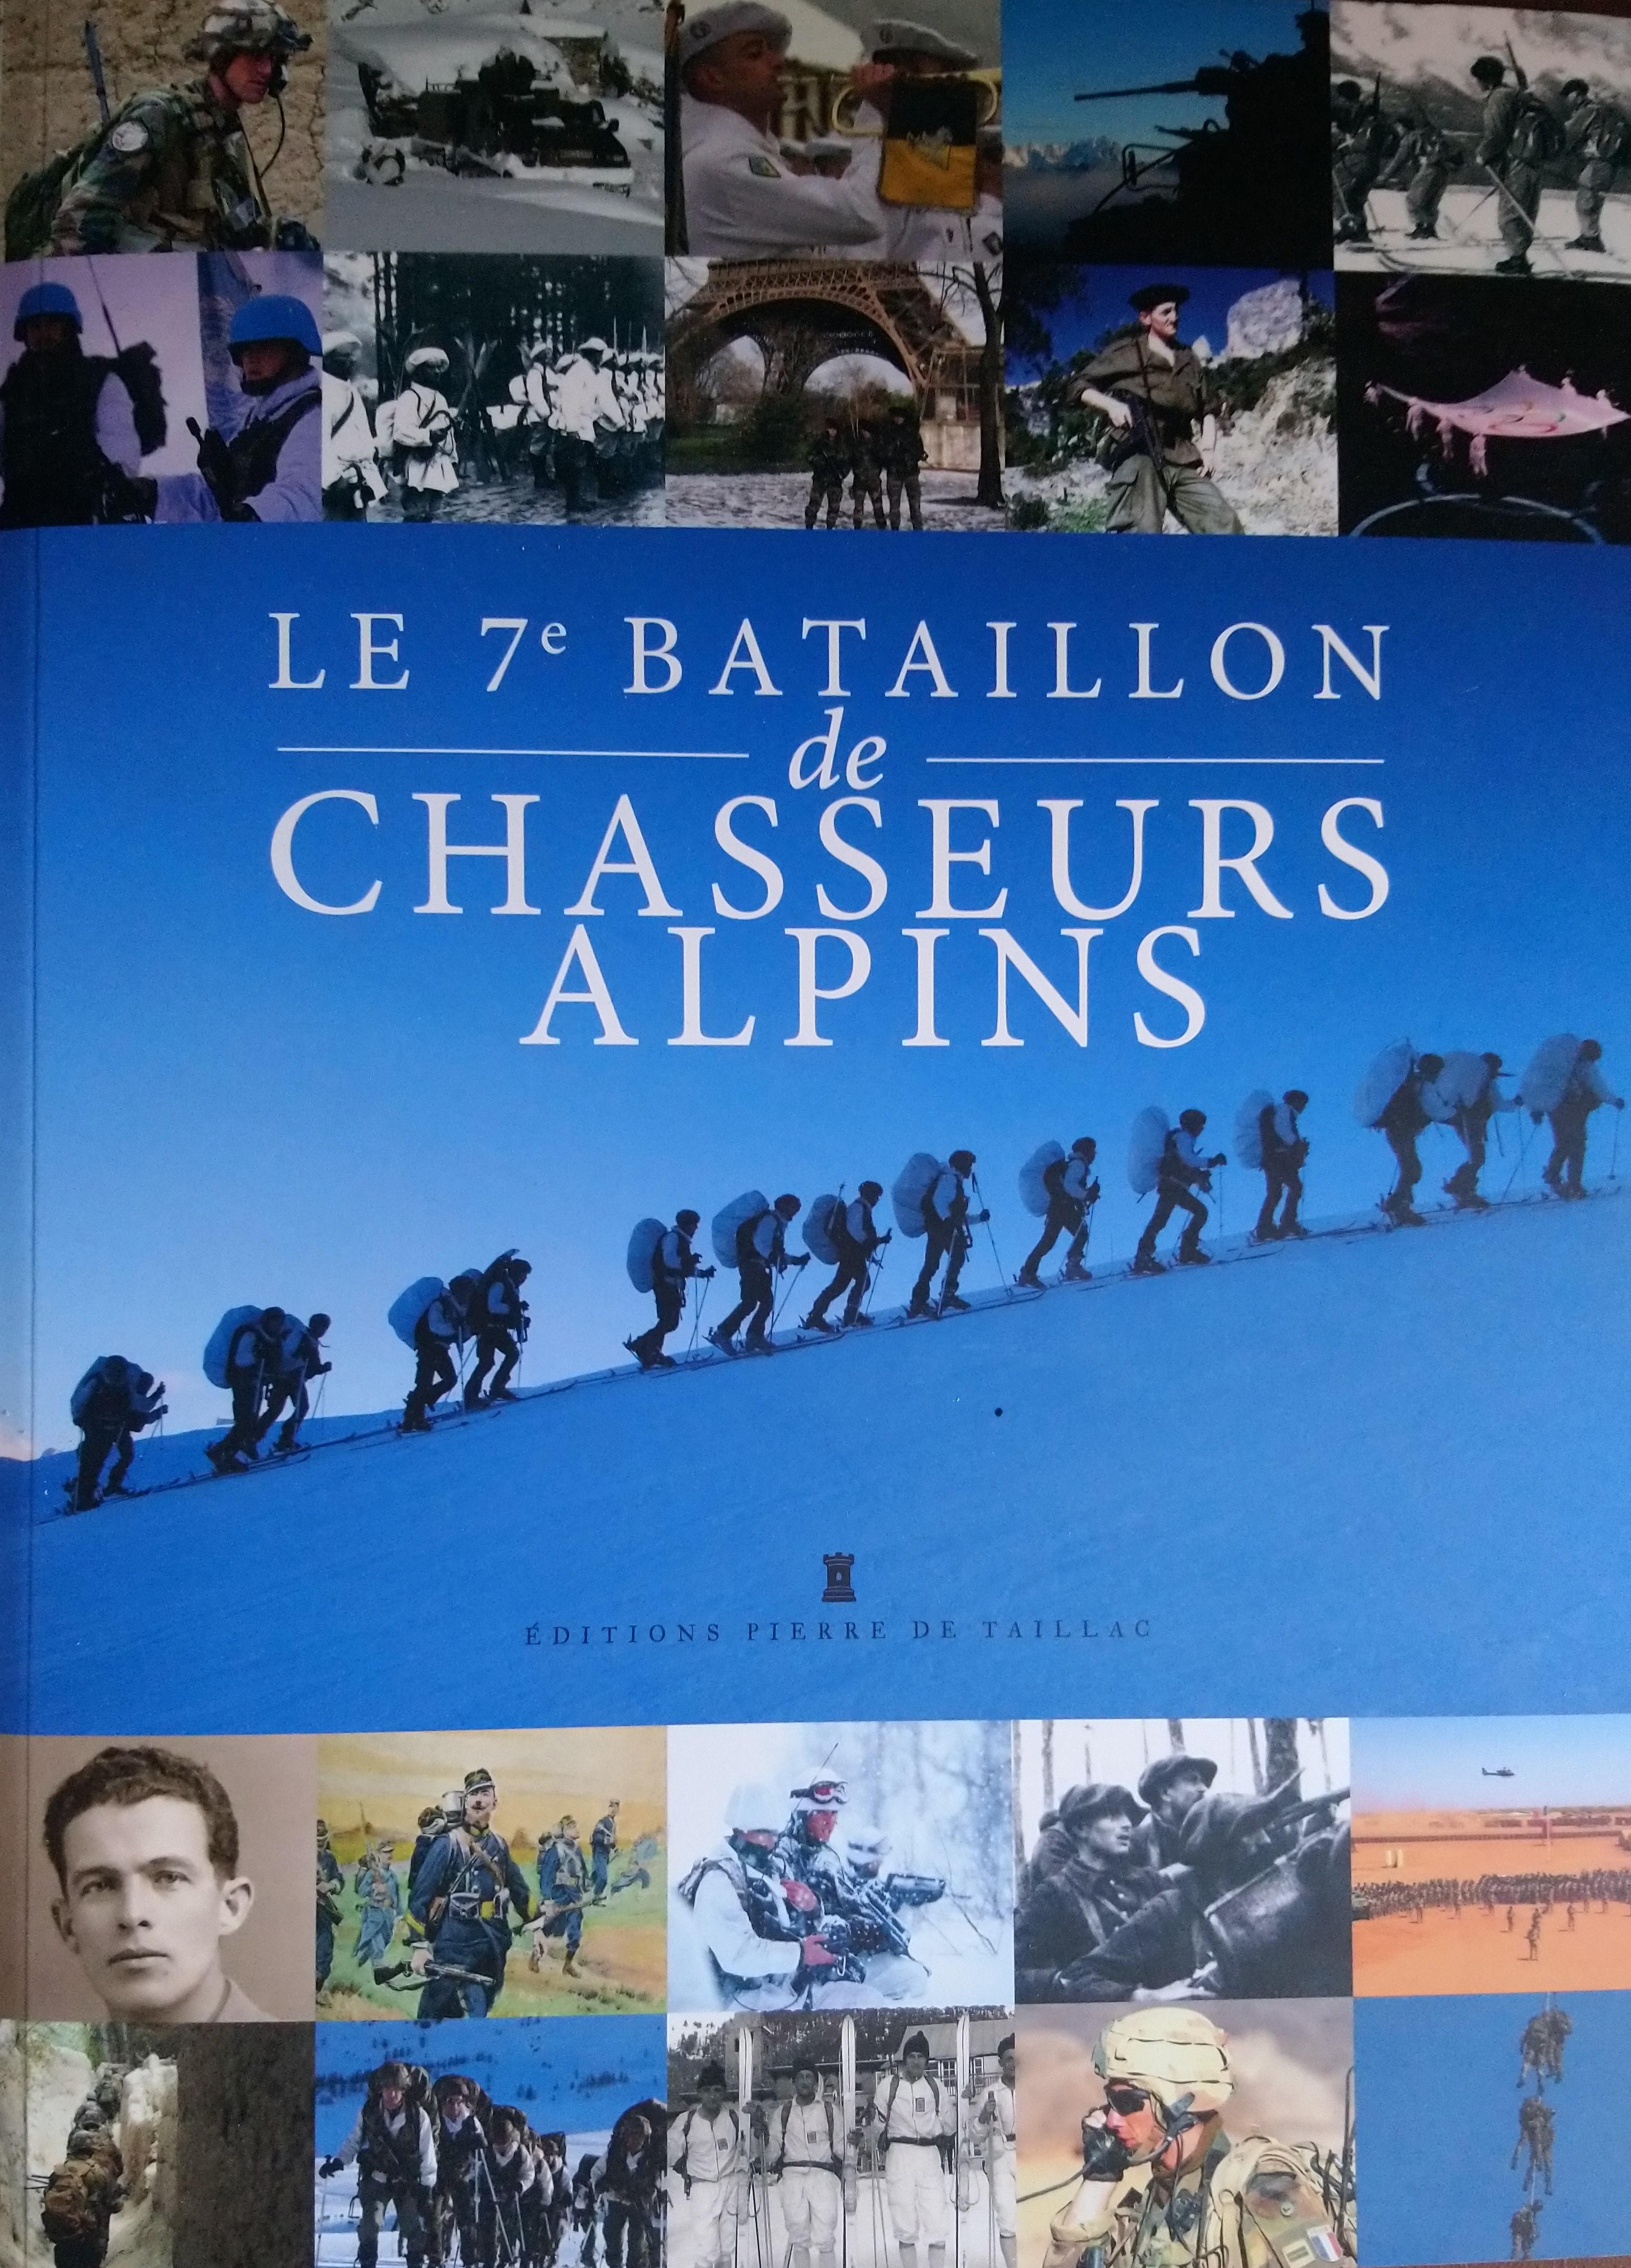 Le 7e bataillon de chasseurs alpins